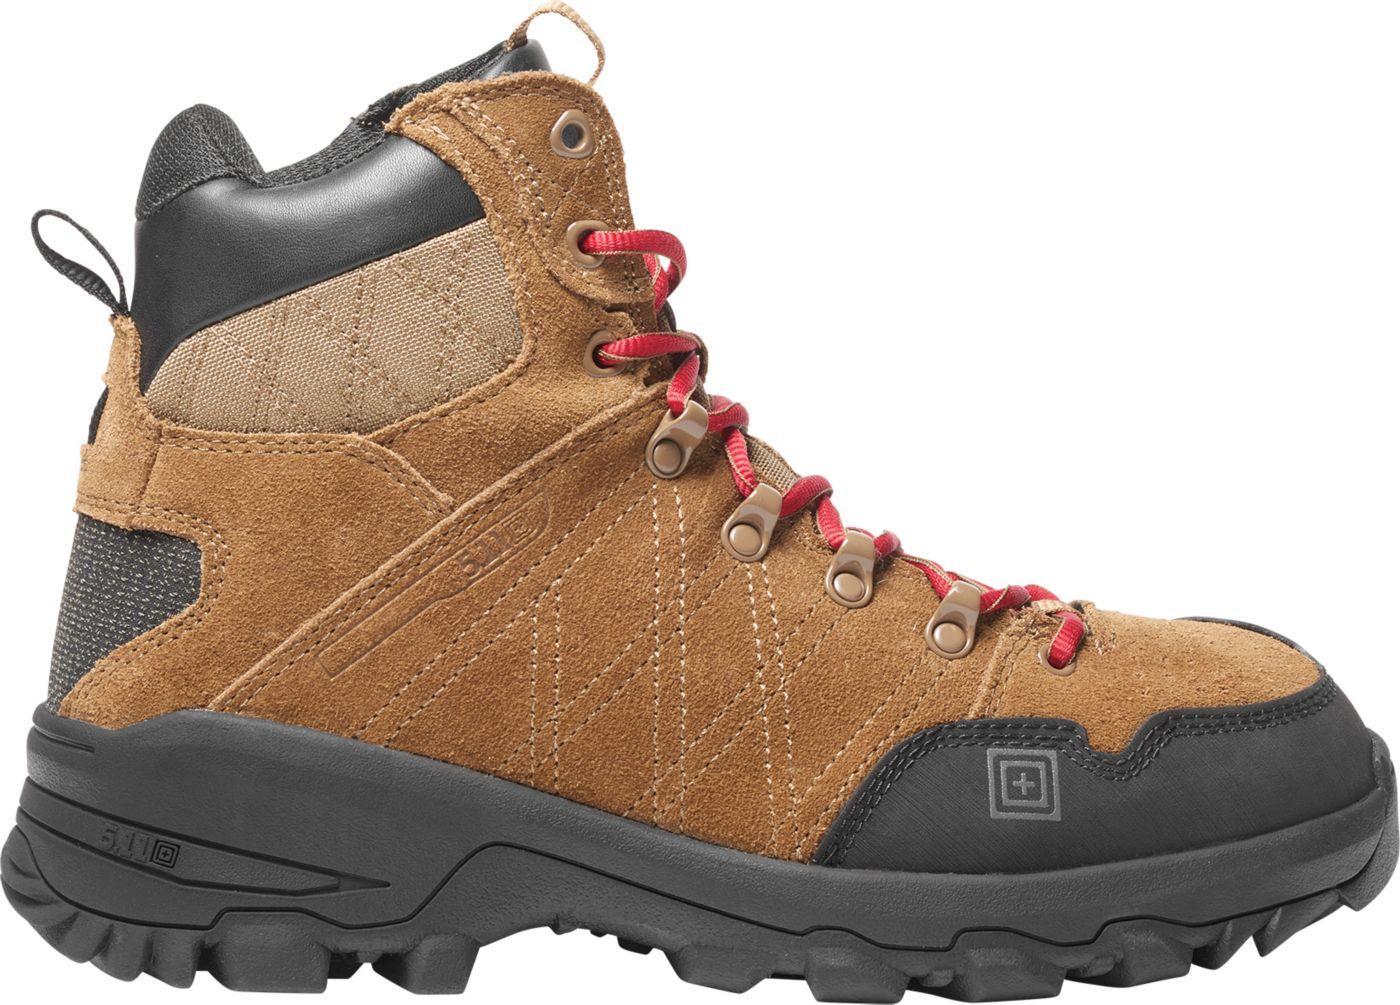 5.11 Tactical Men's Cable Hiker Tactical Boots